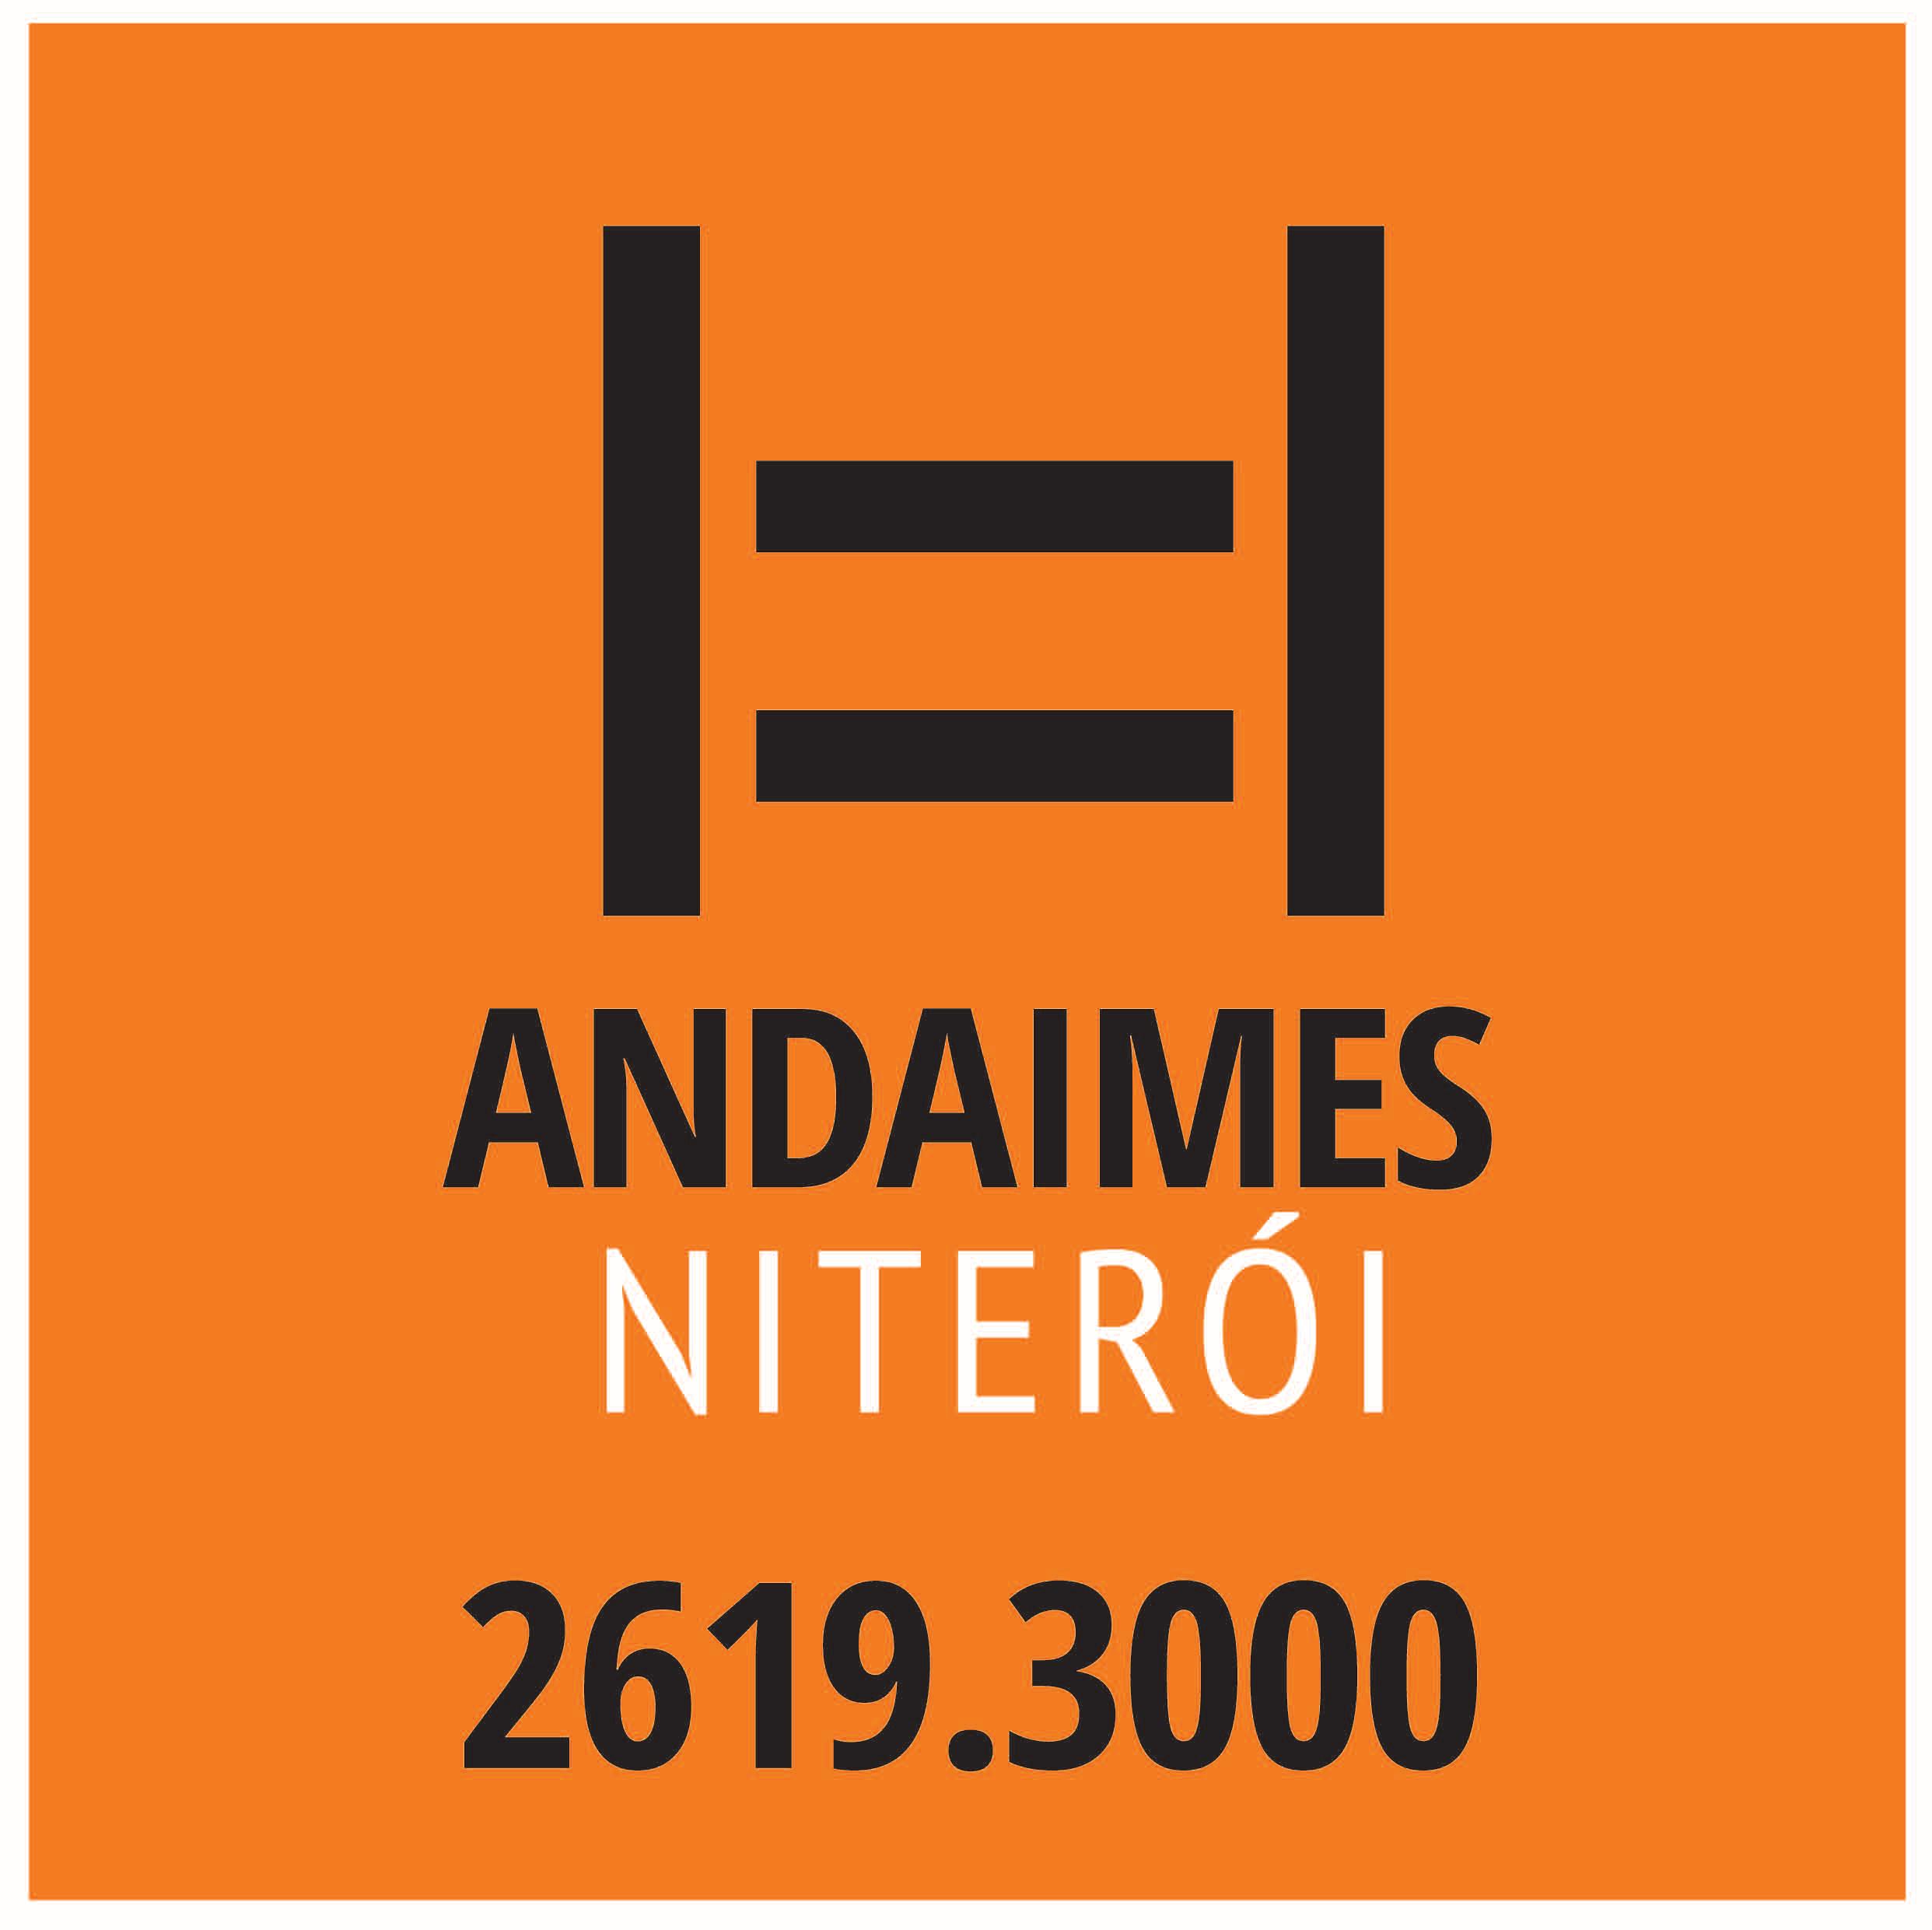 Andaimes Niterói